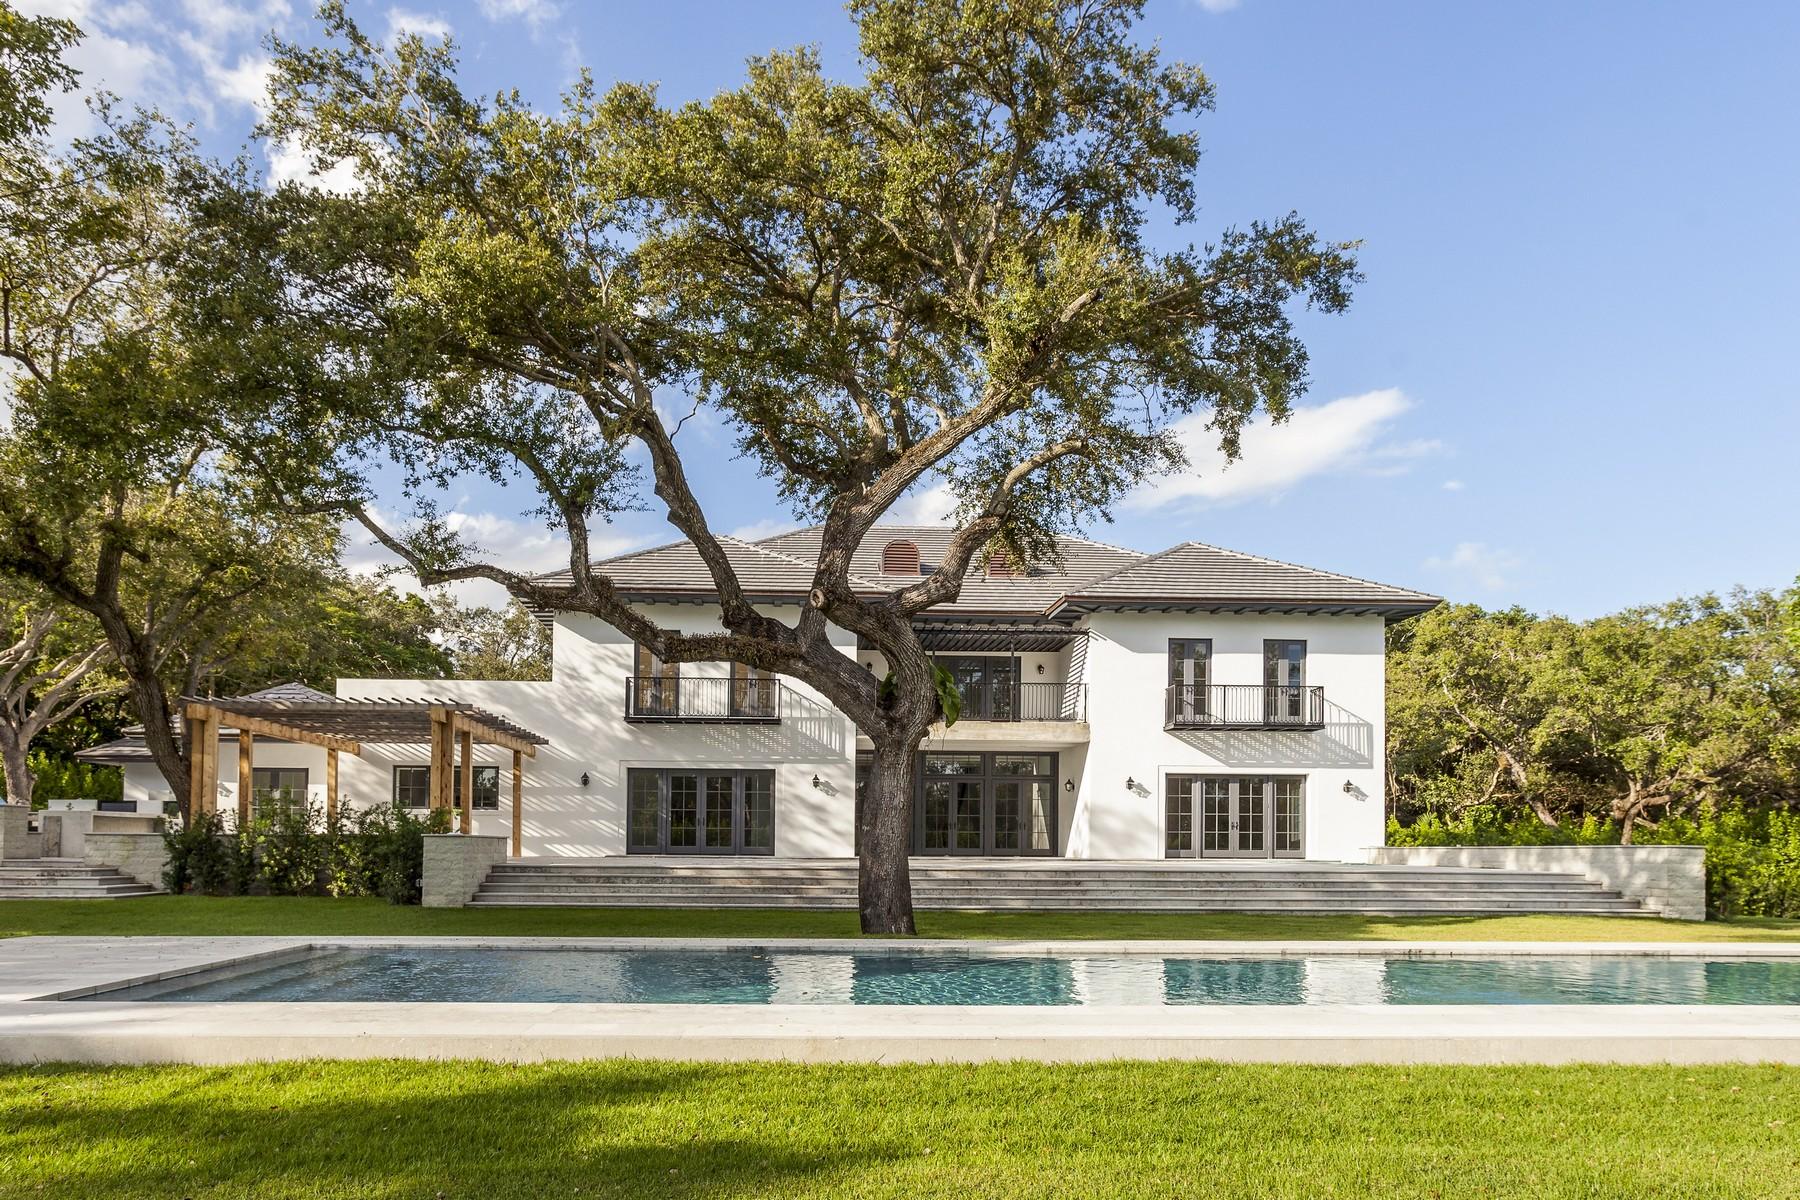 Maison unifamiliale pour l Vente à 9550 Journeys End Rd Coral Gables, Florida 33156 États-Unis